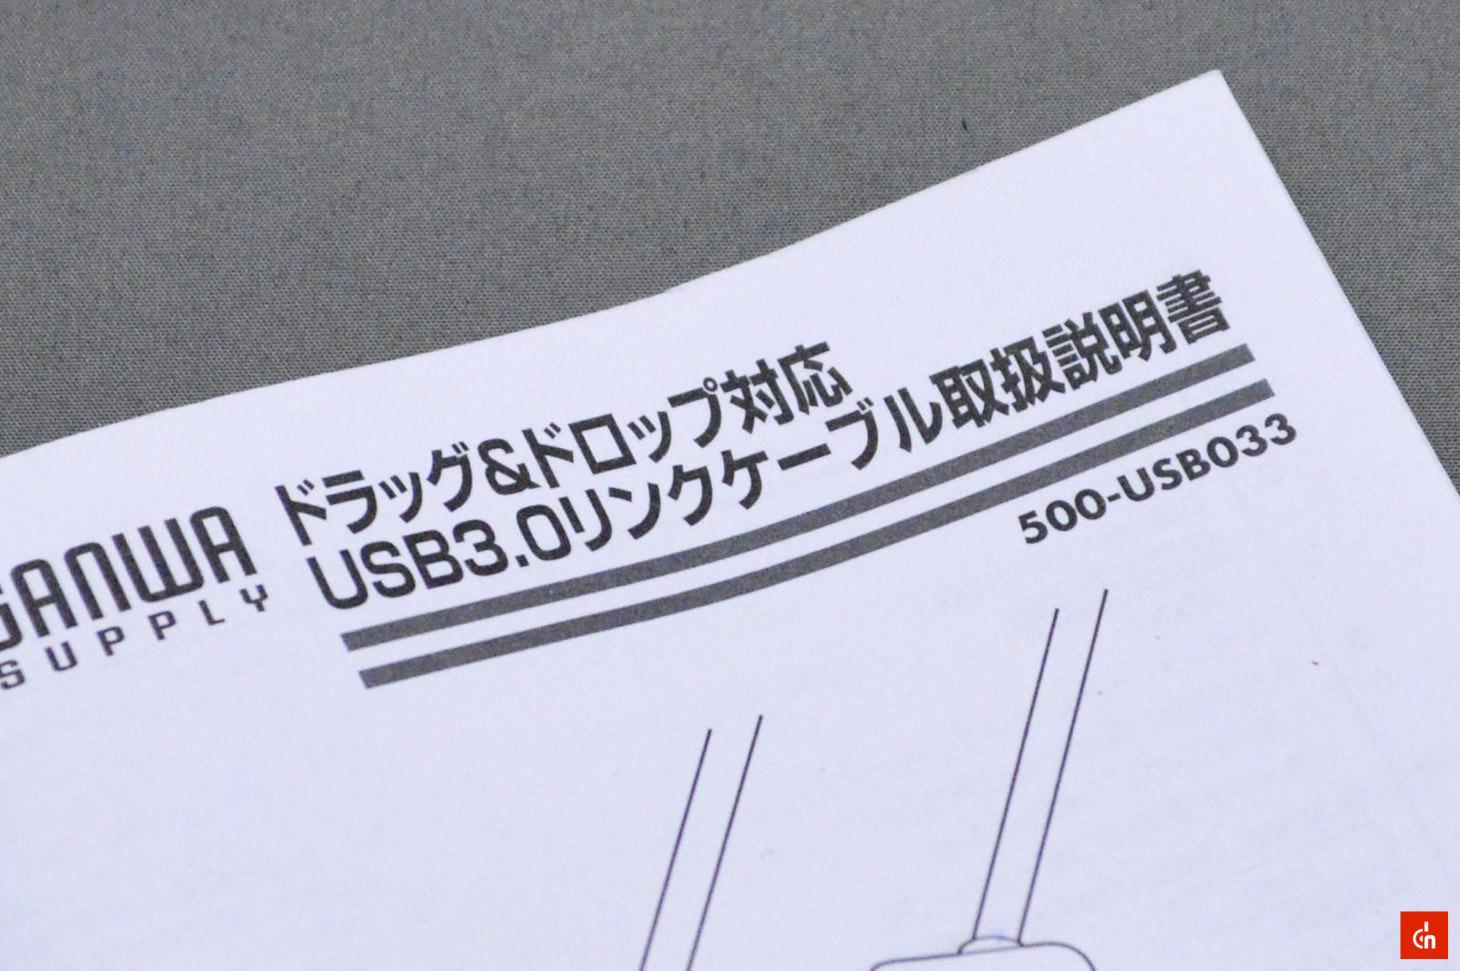 003_20160613_smart-sata-cable